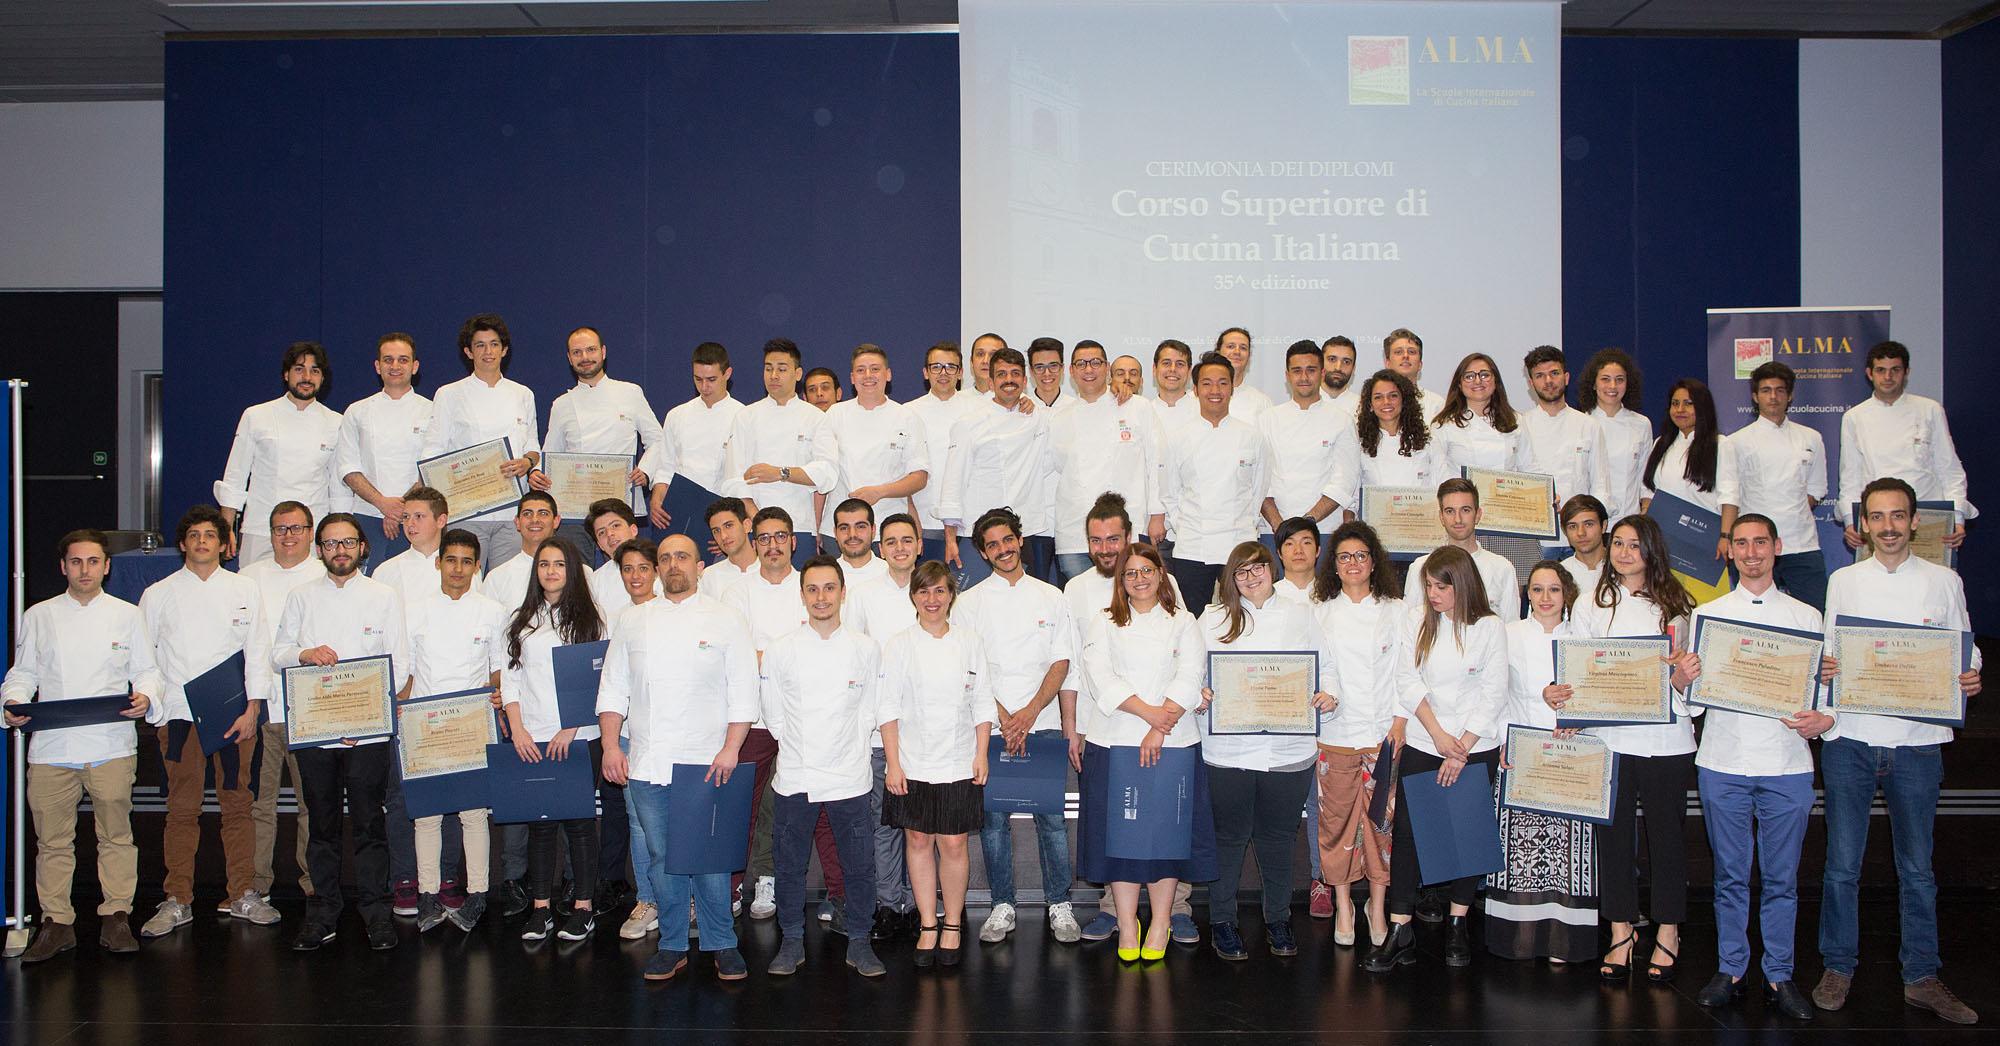 Alma xxxv edizione del corso superiore di cucina italiana - Alma scuola cucina ...